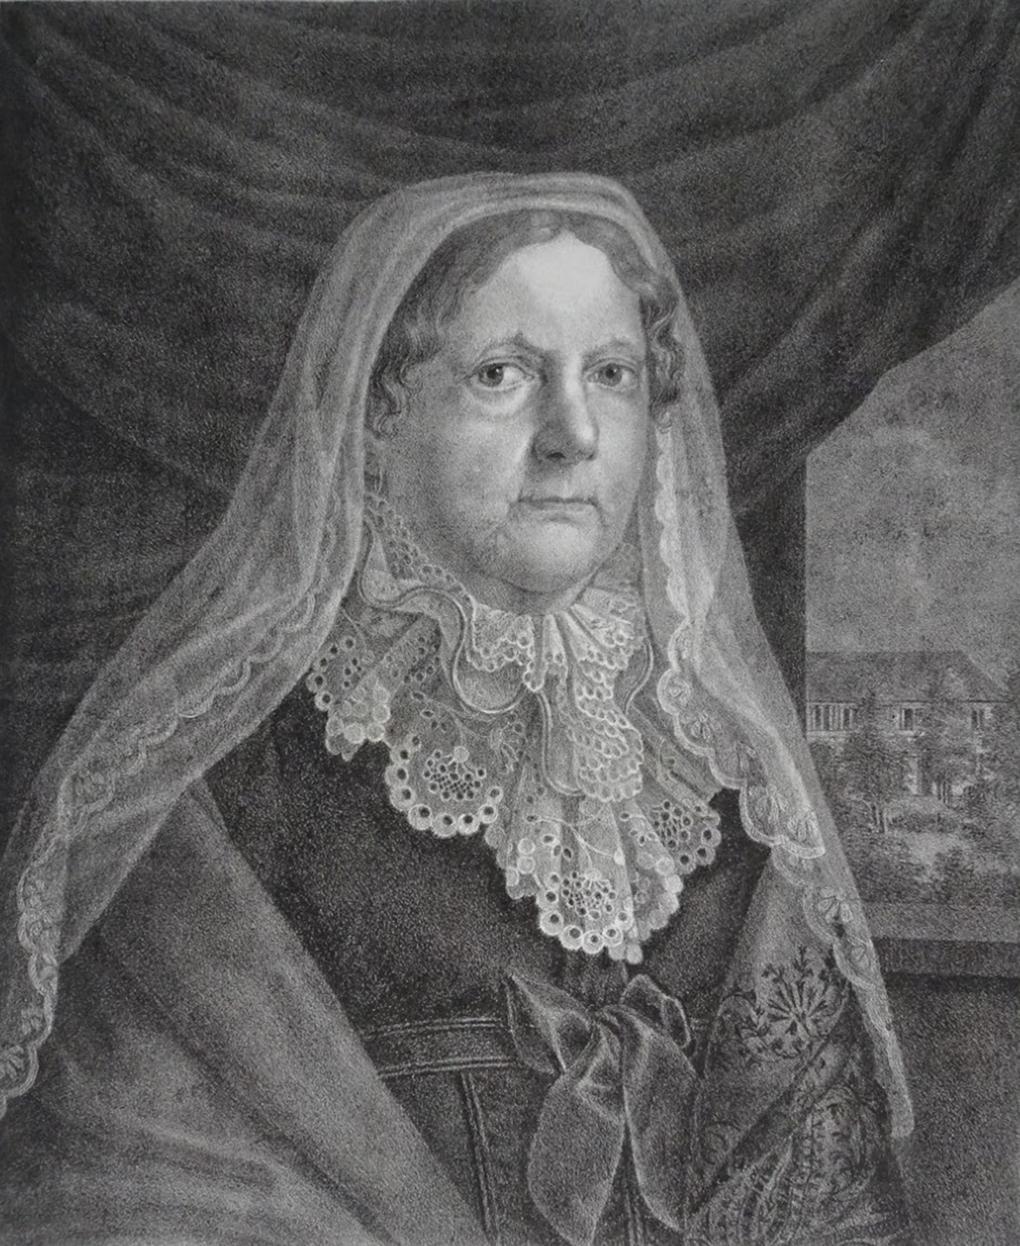 Ludwig Most, Elizabeth Christine Ulrike Prinzessin von Preussen, 1827, litografia, papier welinowy, Muzeum Narodowe w Szczecinie